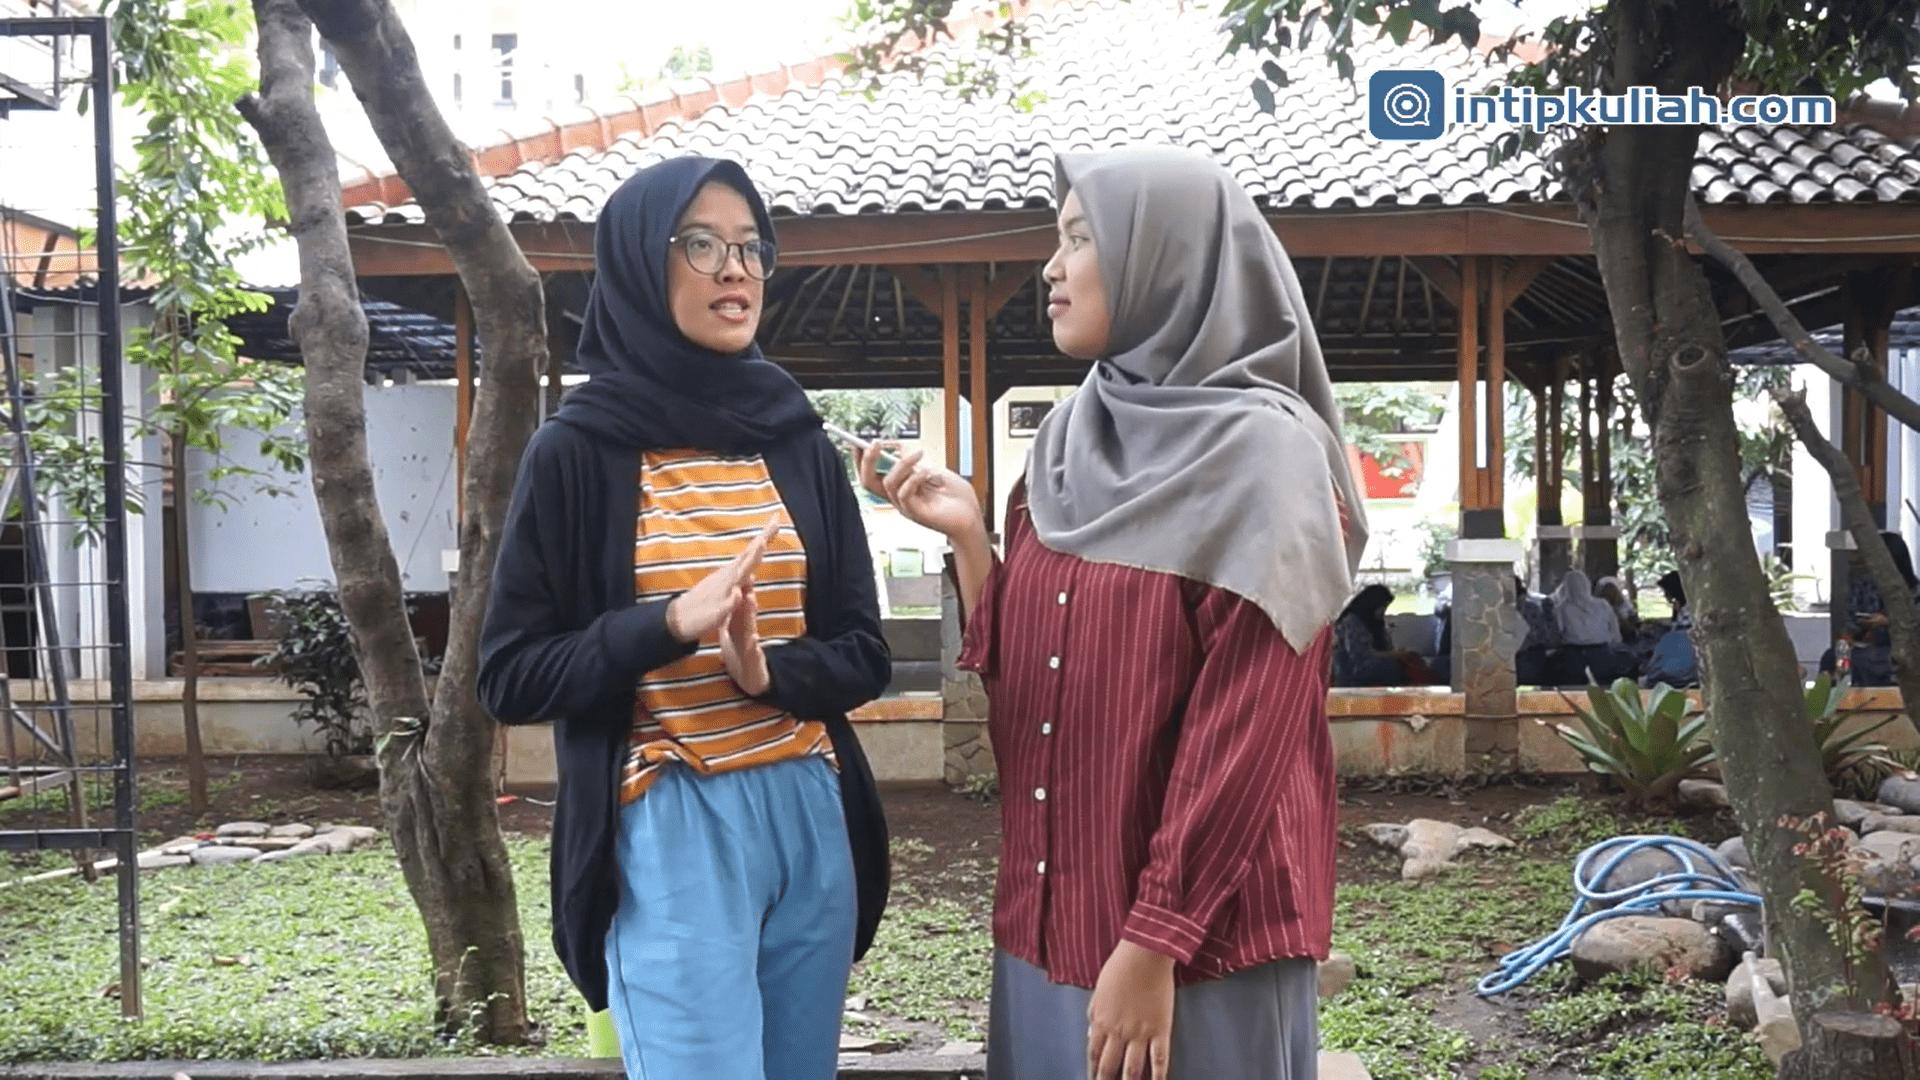 Pengalaman Belajar Nabila di Jurusan Akuntansi SMKN 1 Bandung